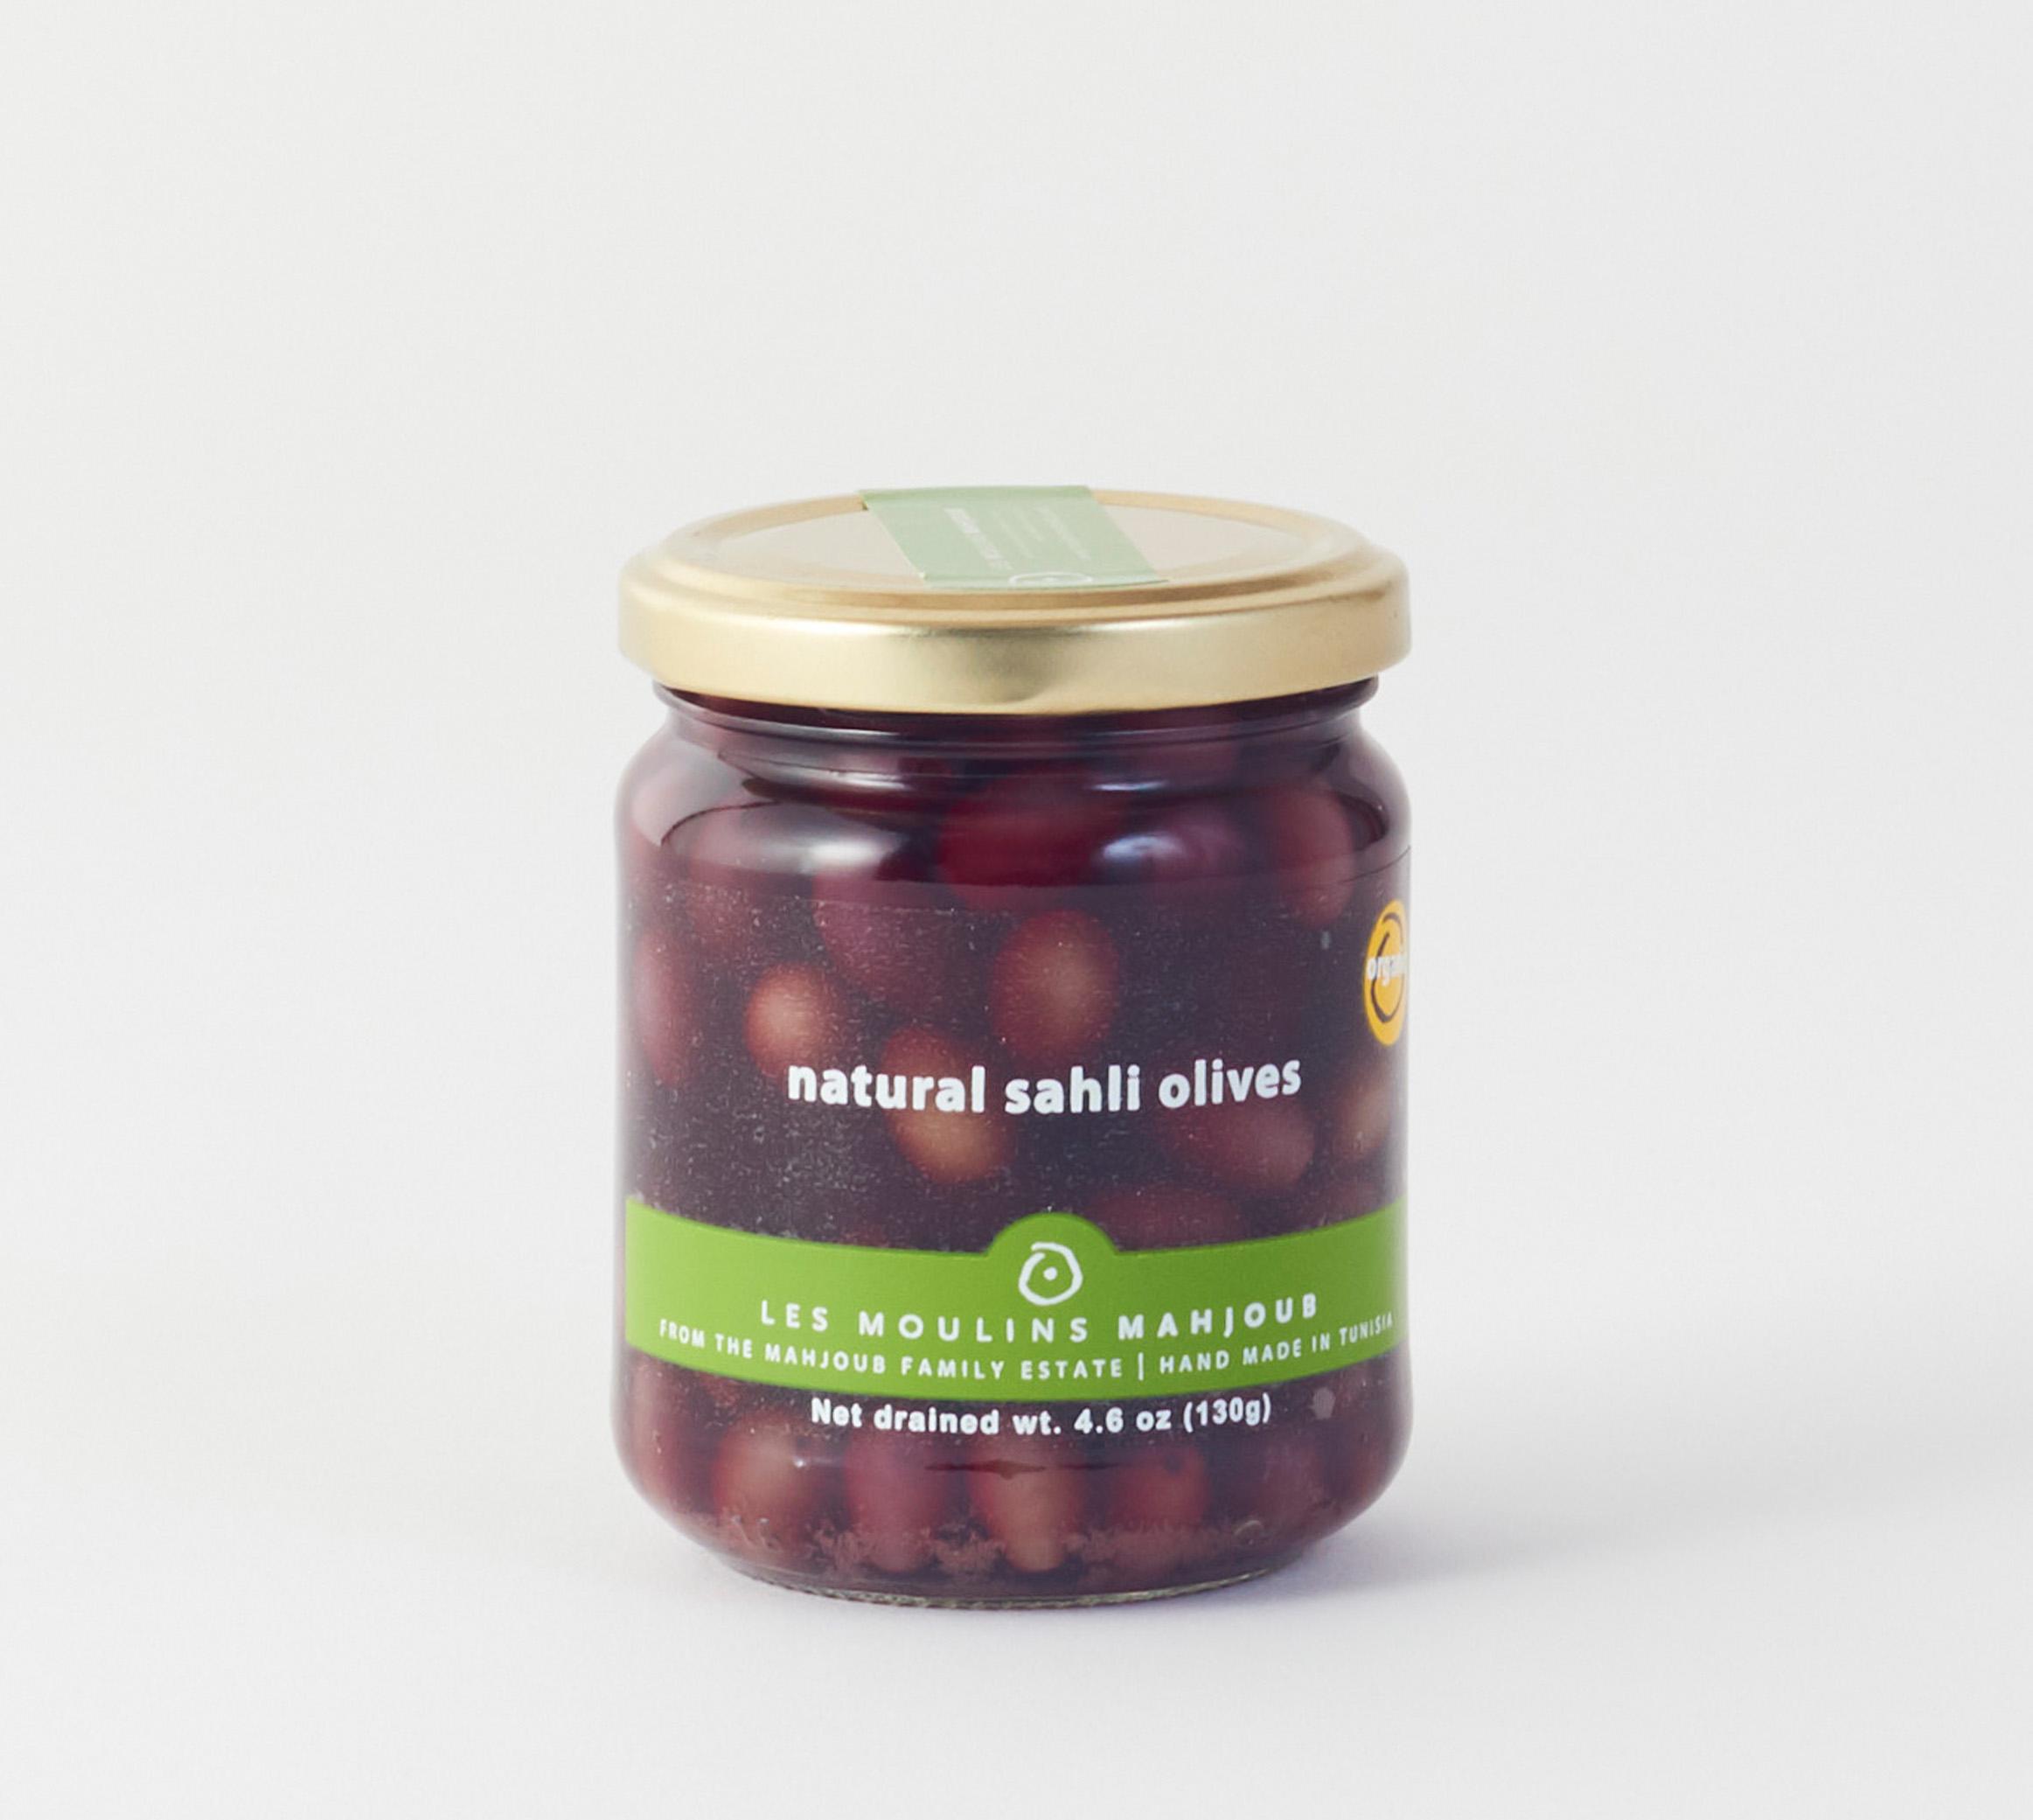 Natural Sahli Olives